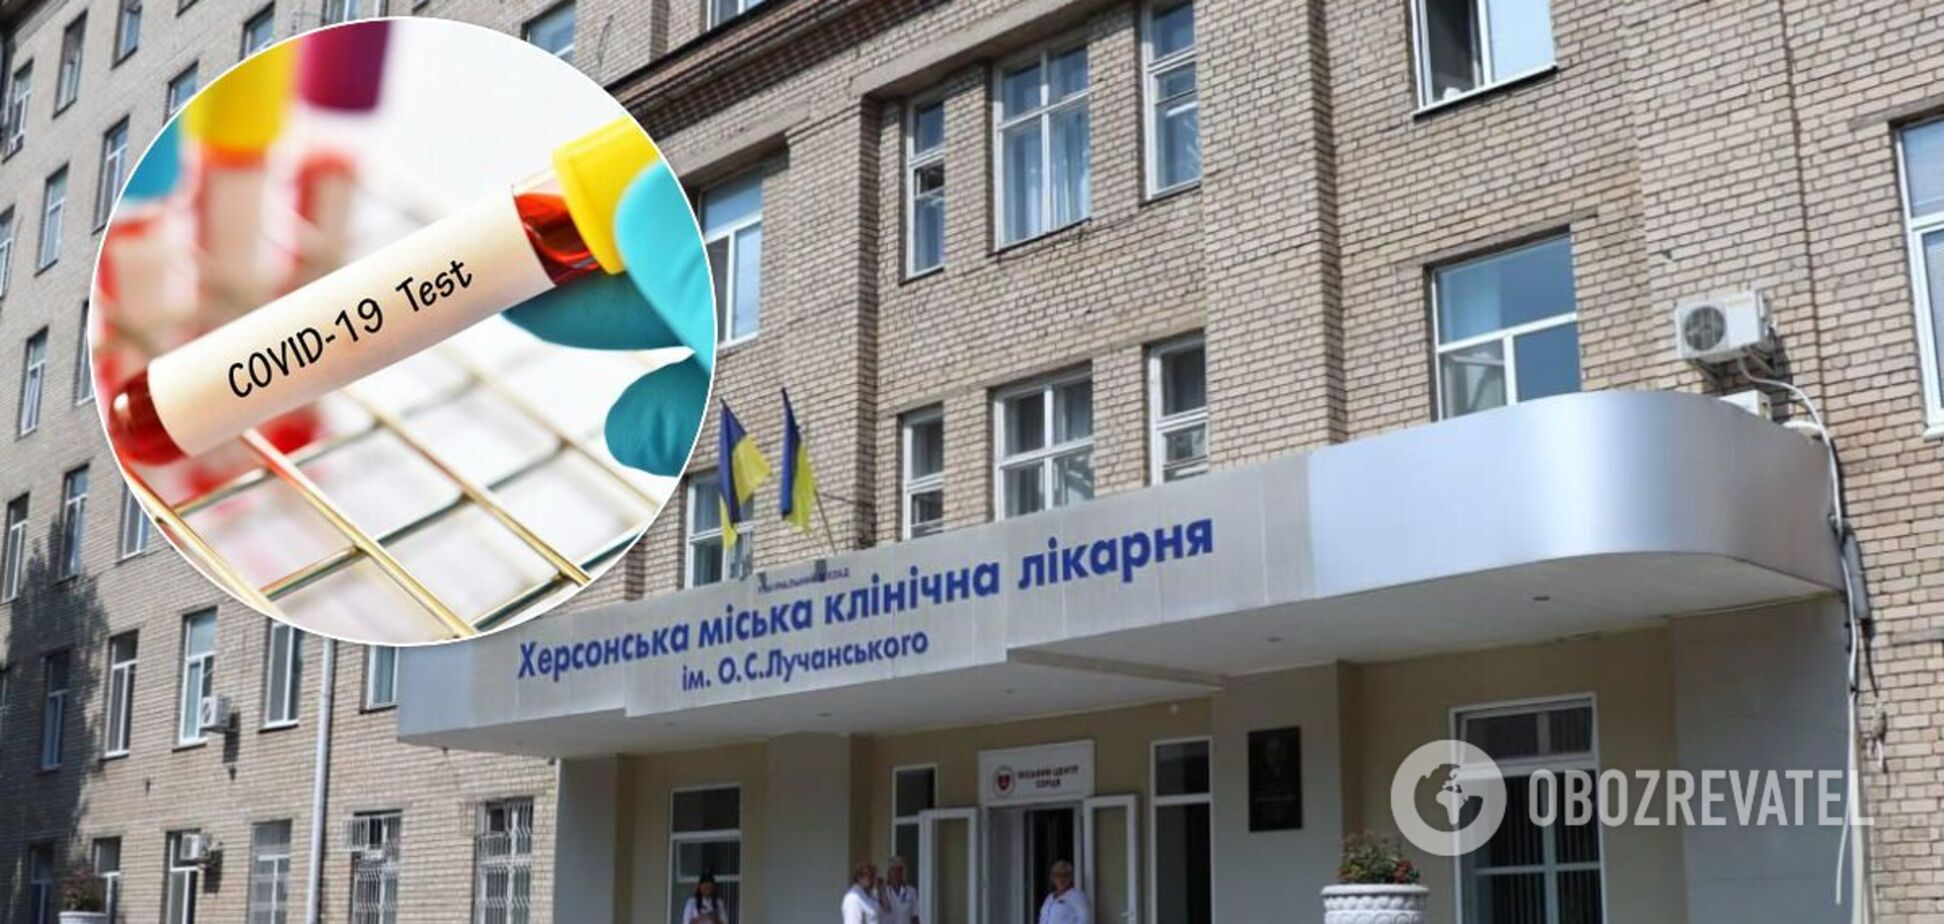 Коронавирус в Херсонской городской больнице